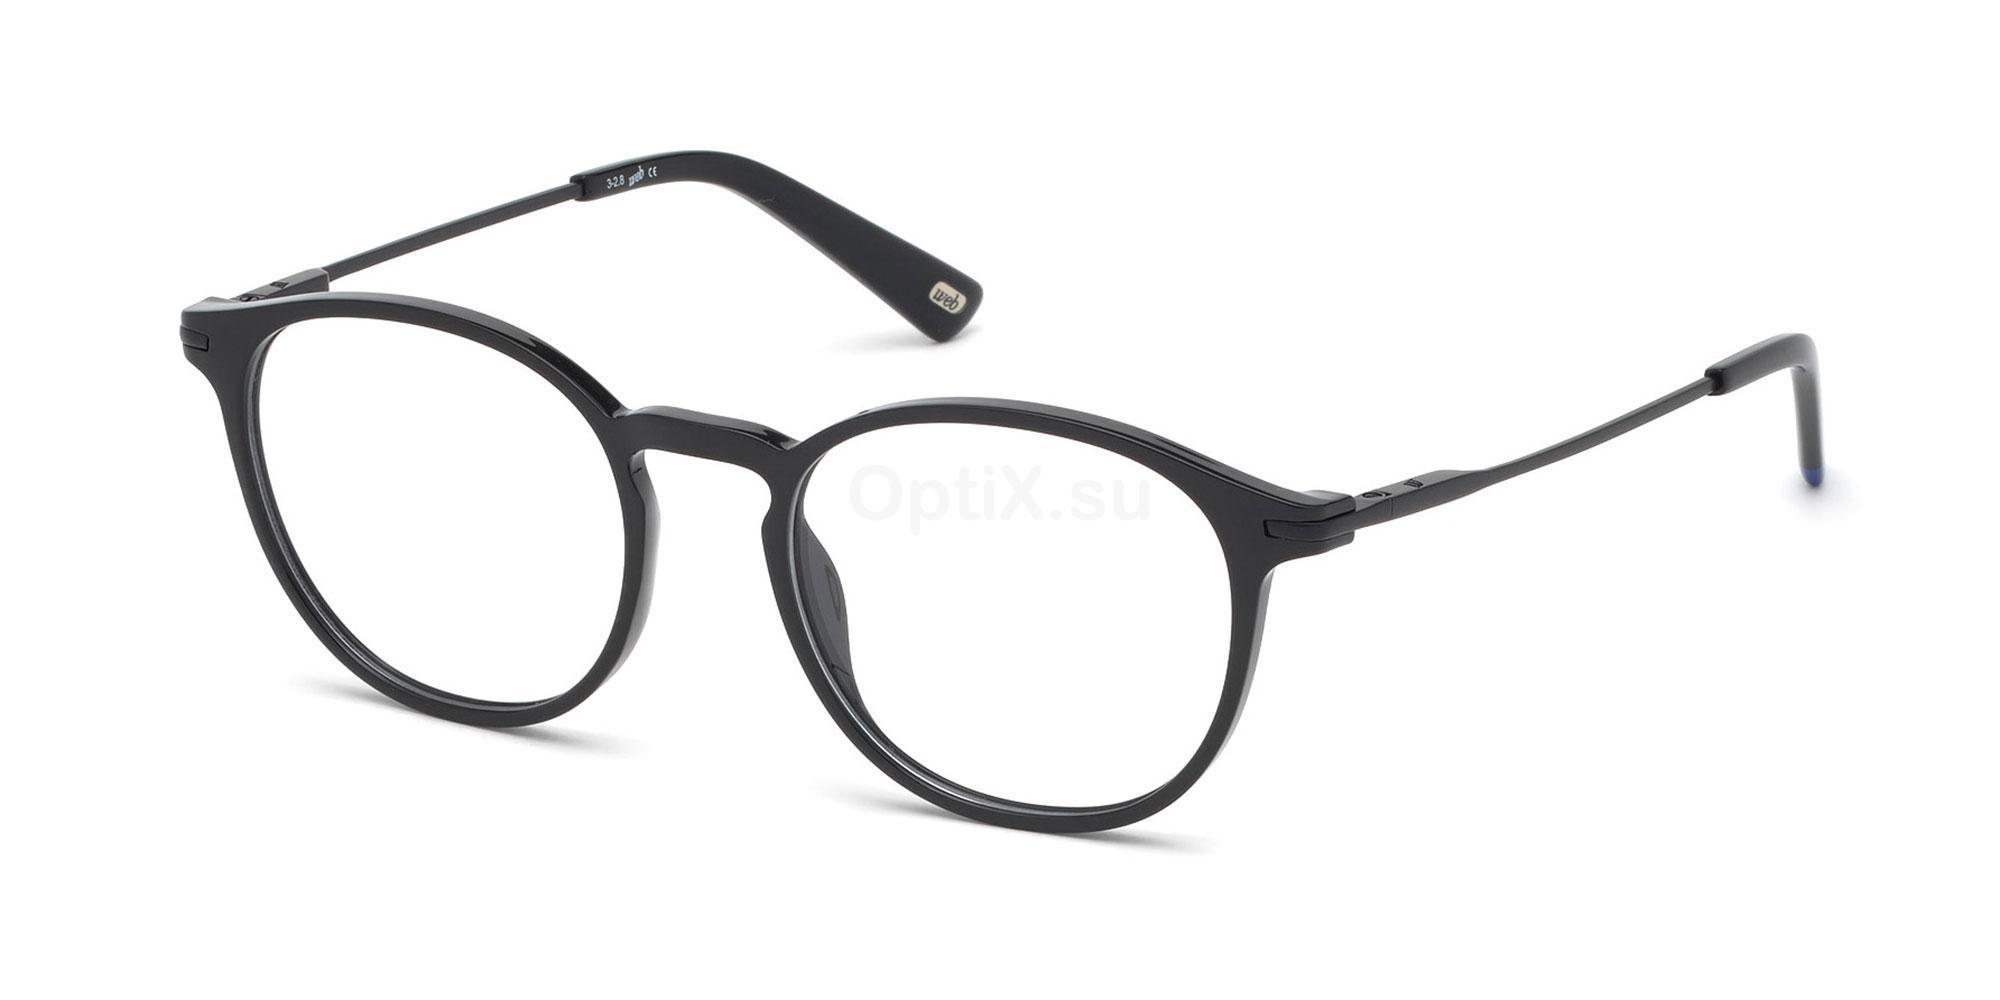 001 WE5296 Glasses, Web